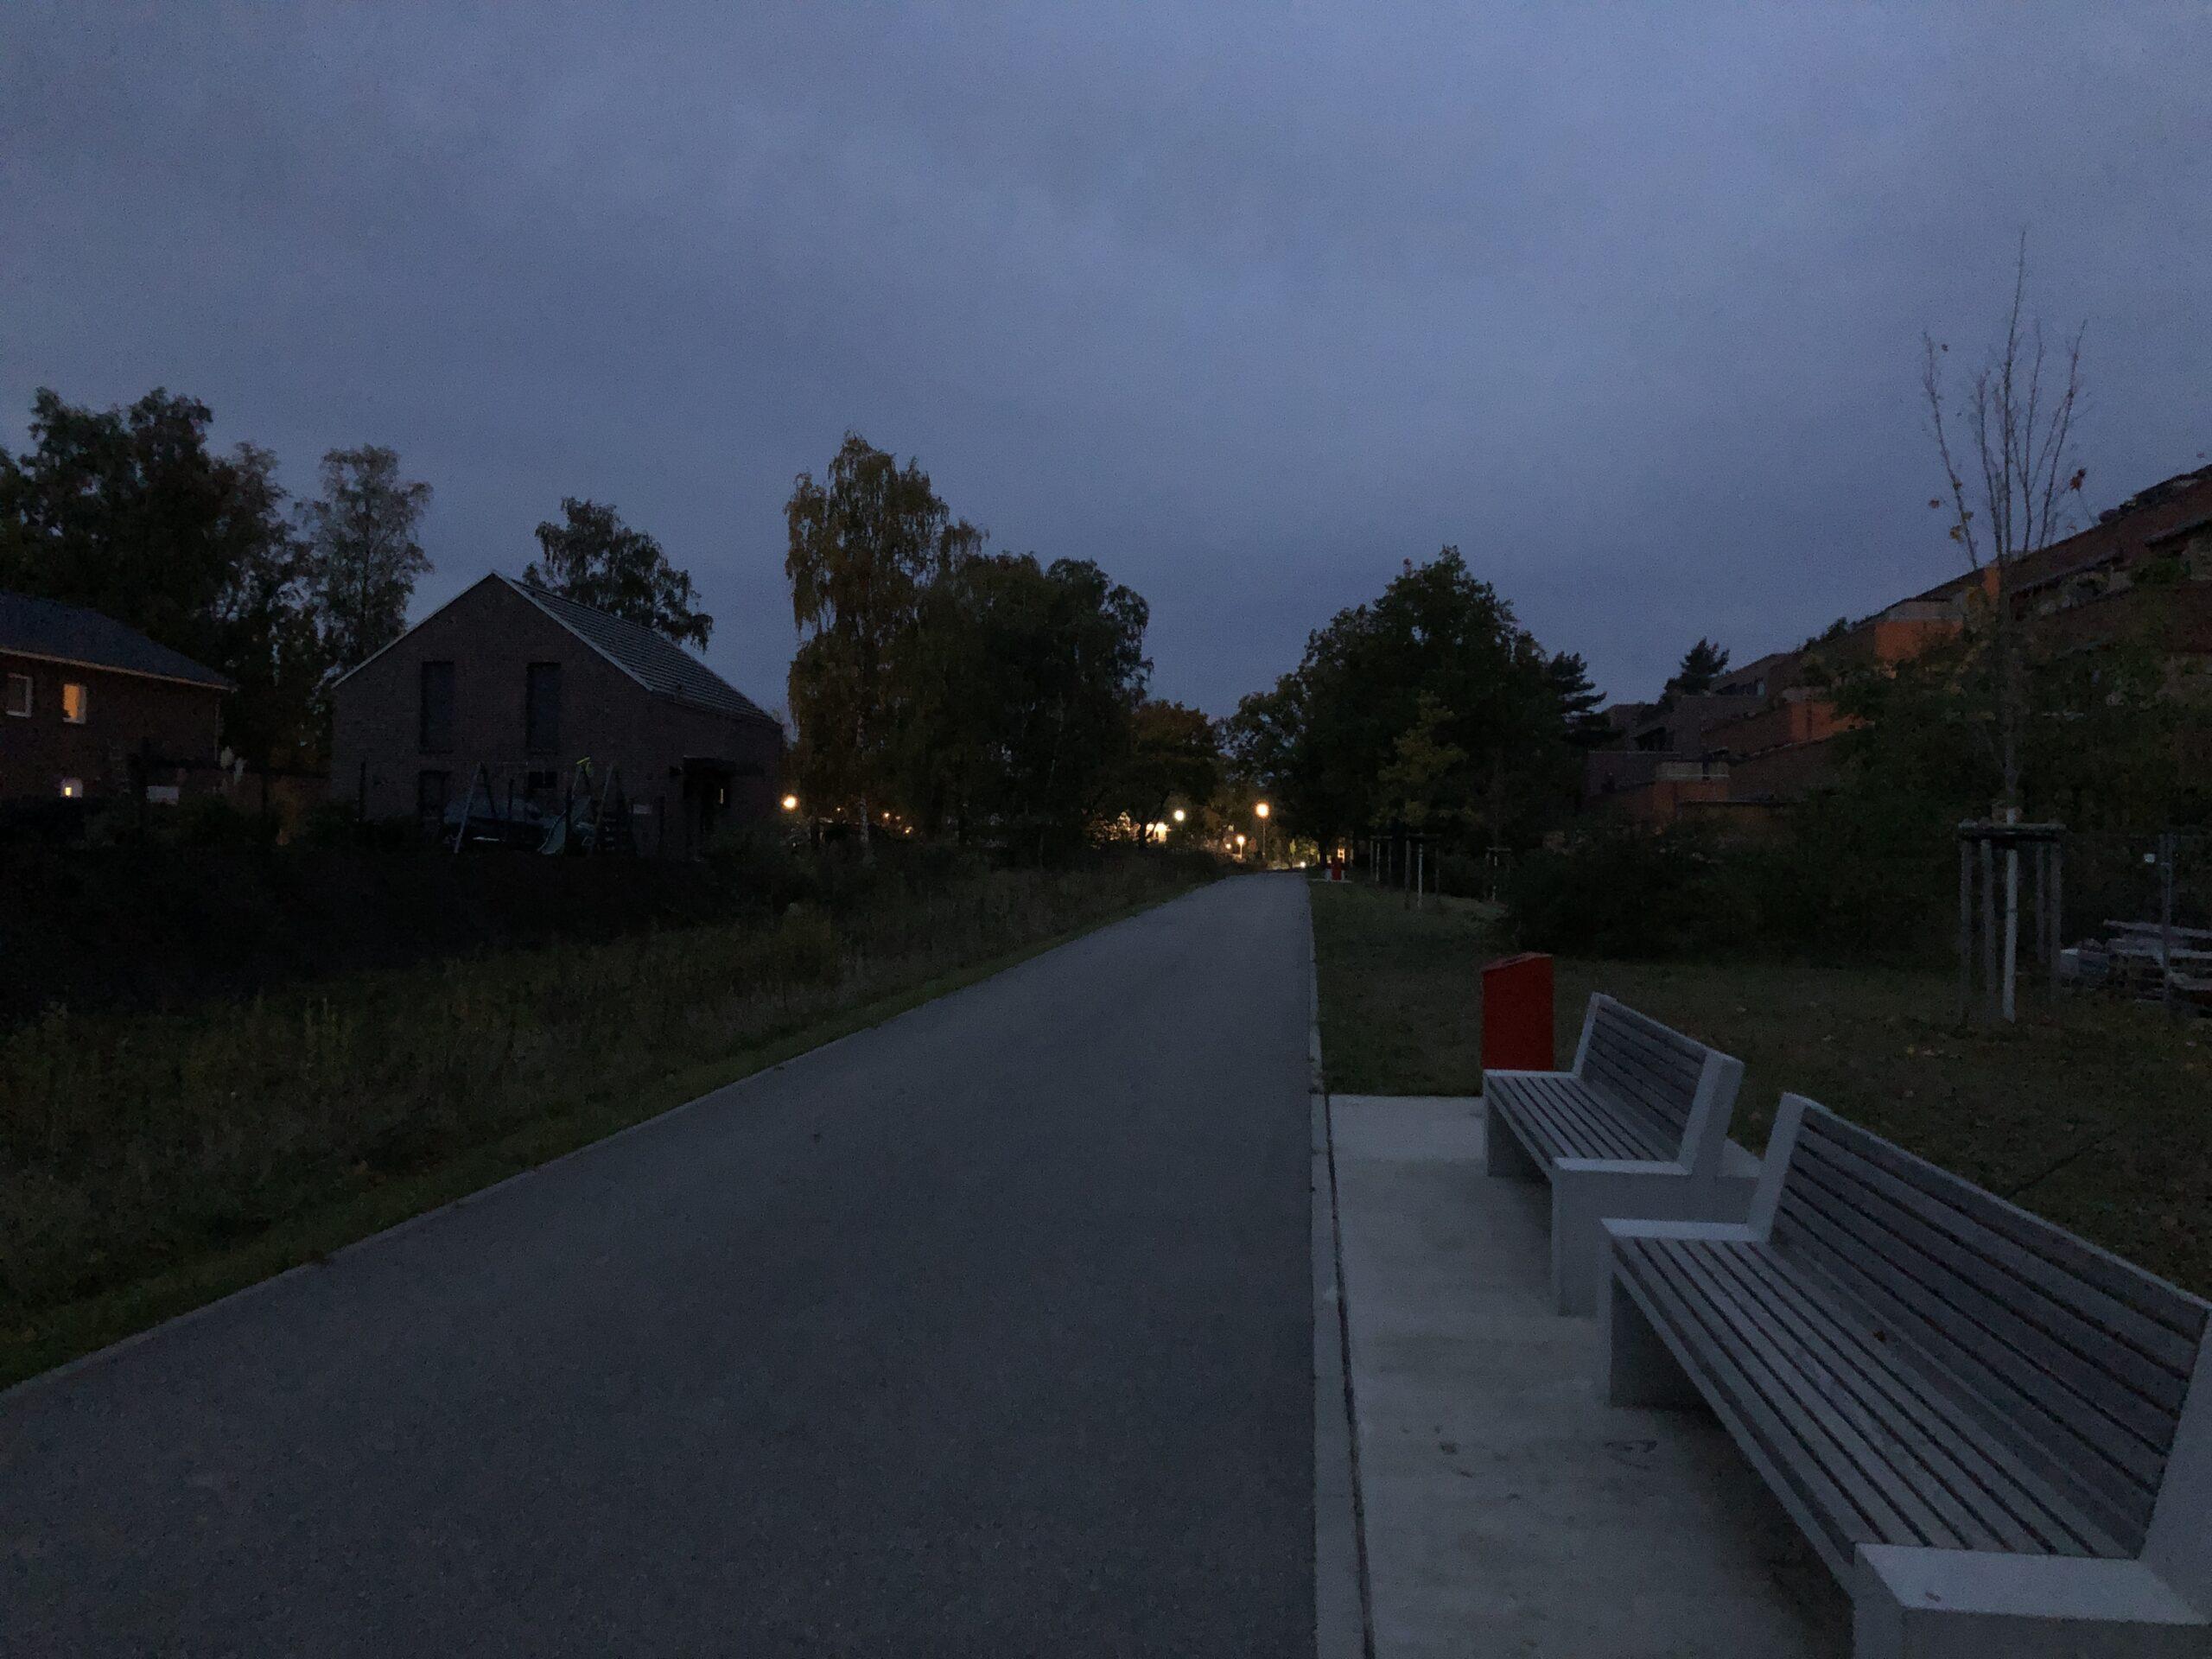 Beleuchtung des Fußwegs im Fischbeker Heidbrook